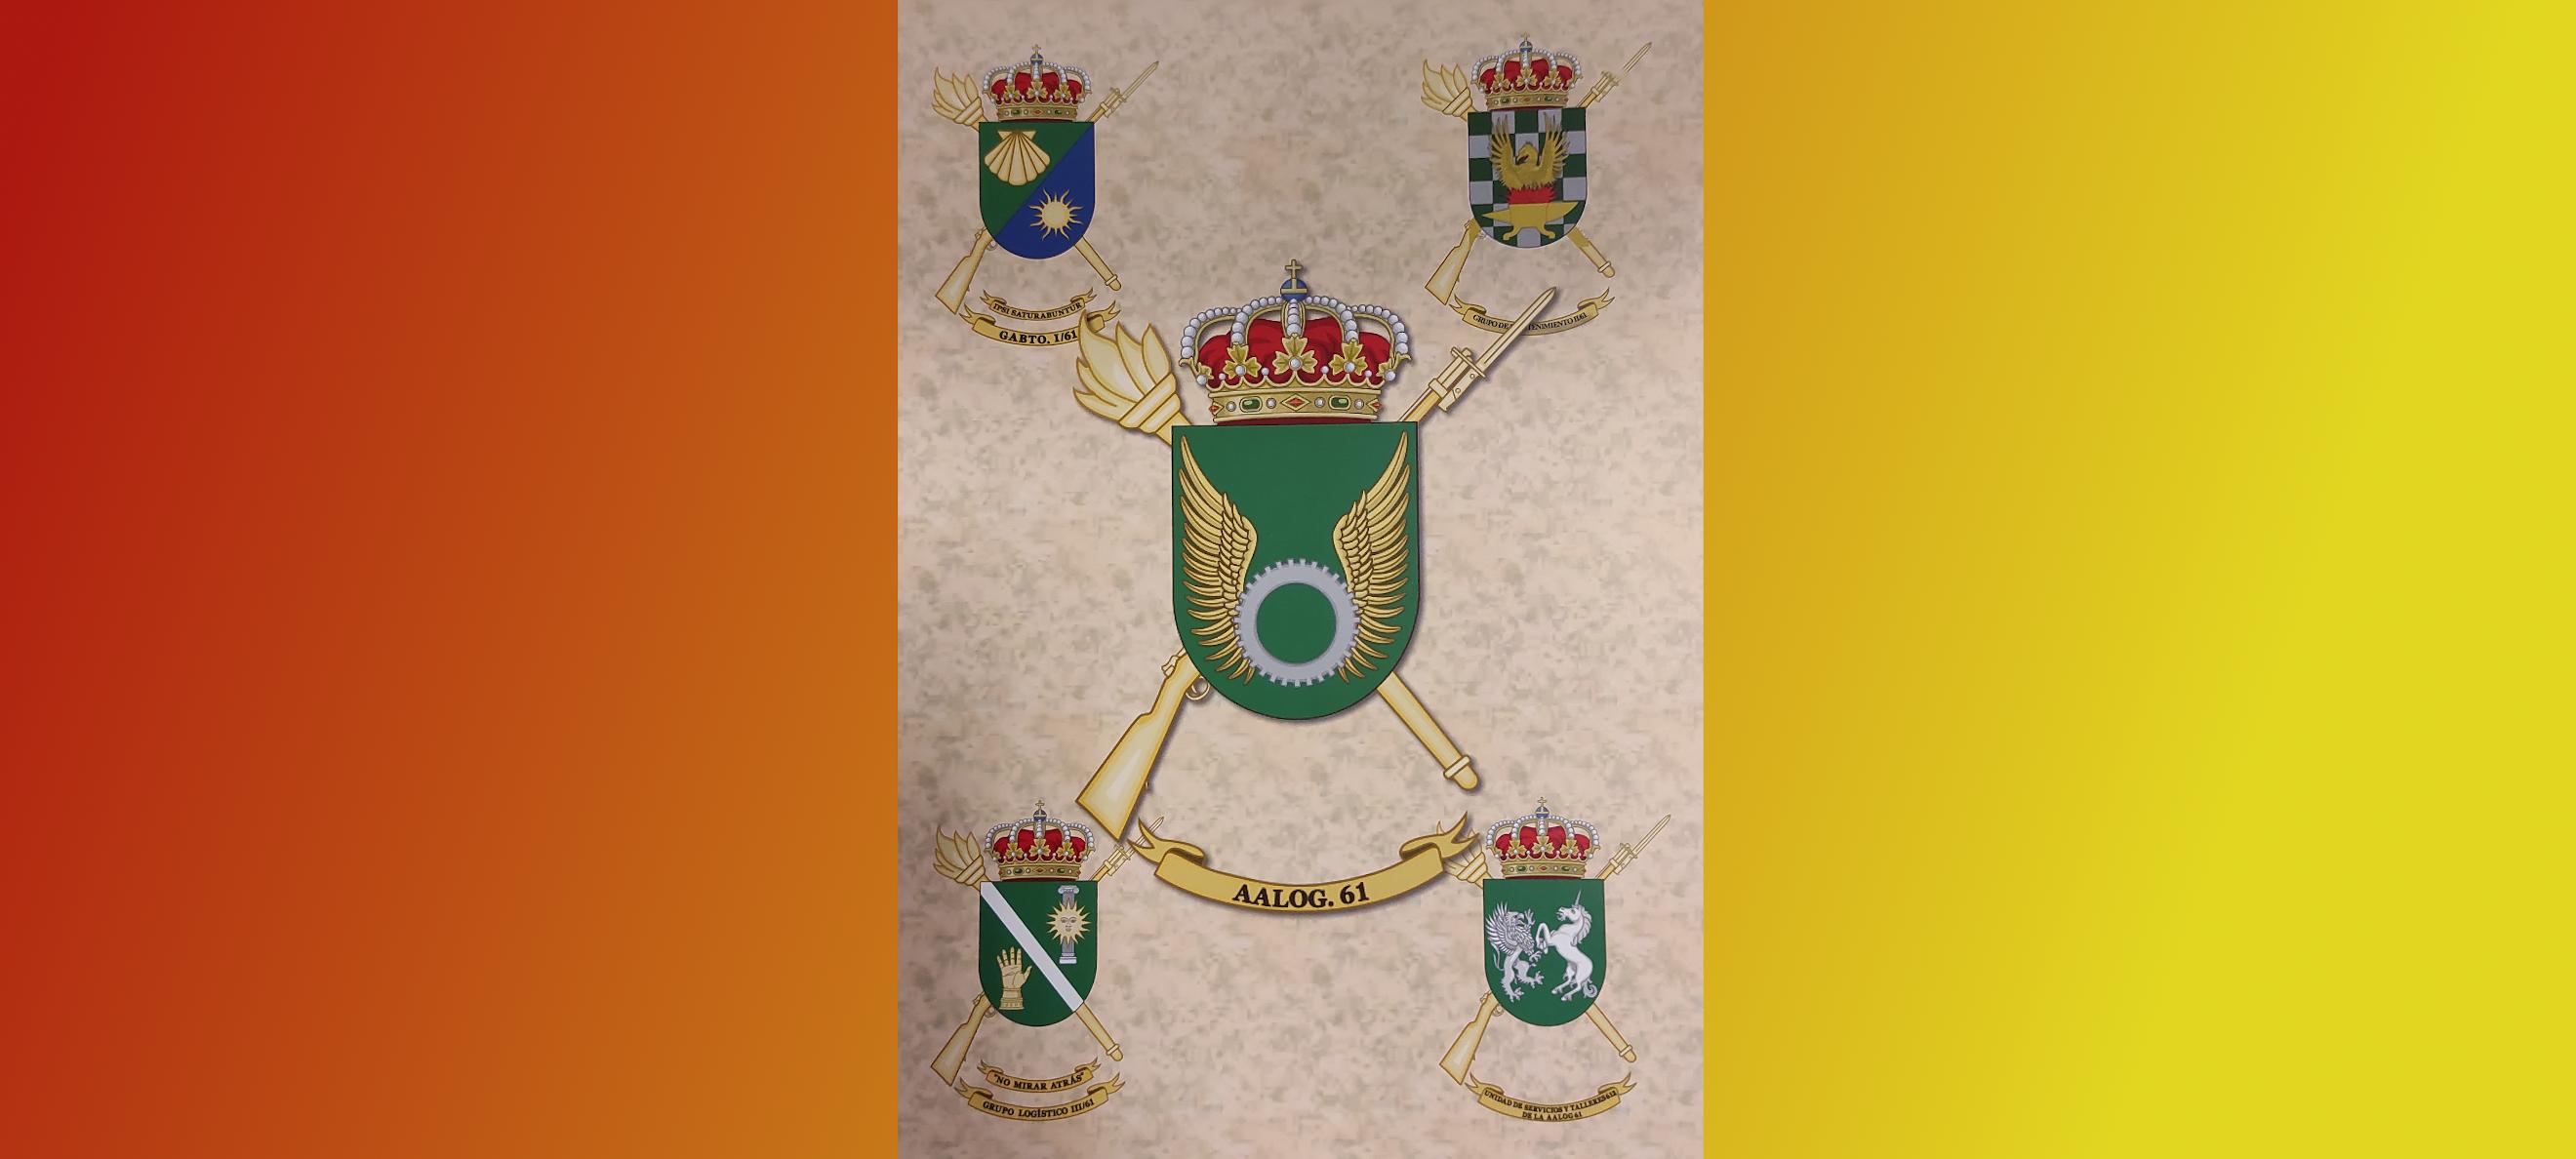 escudo agrupación militar